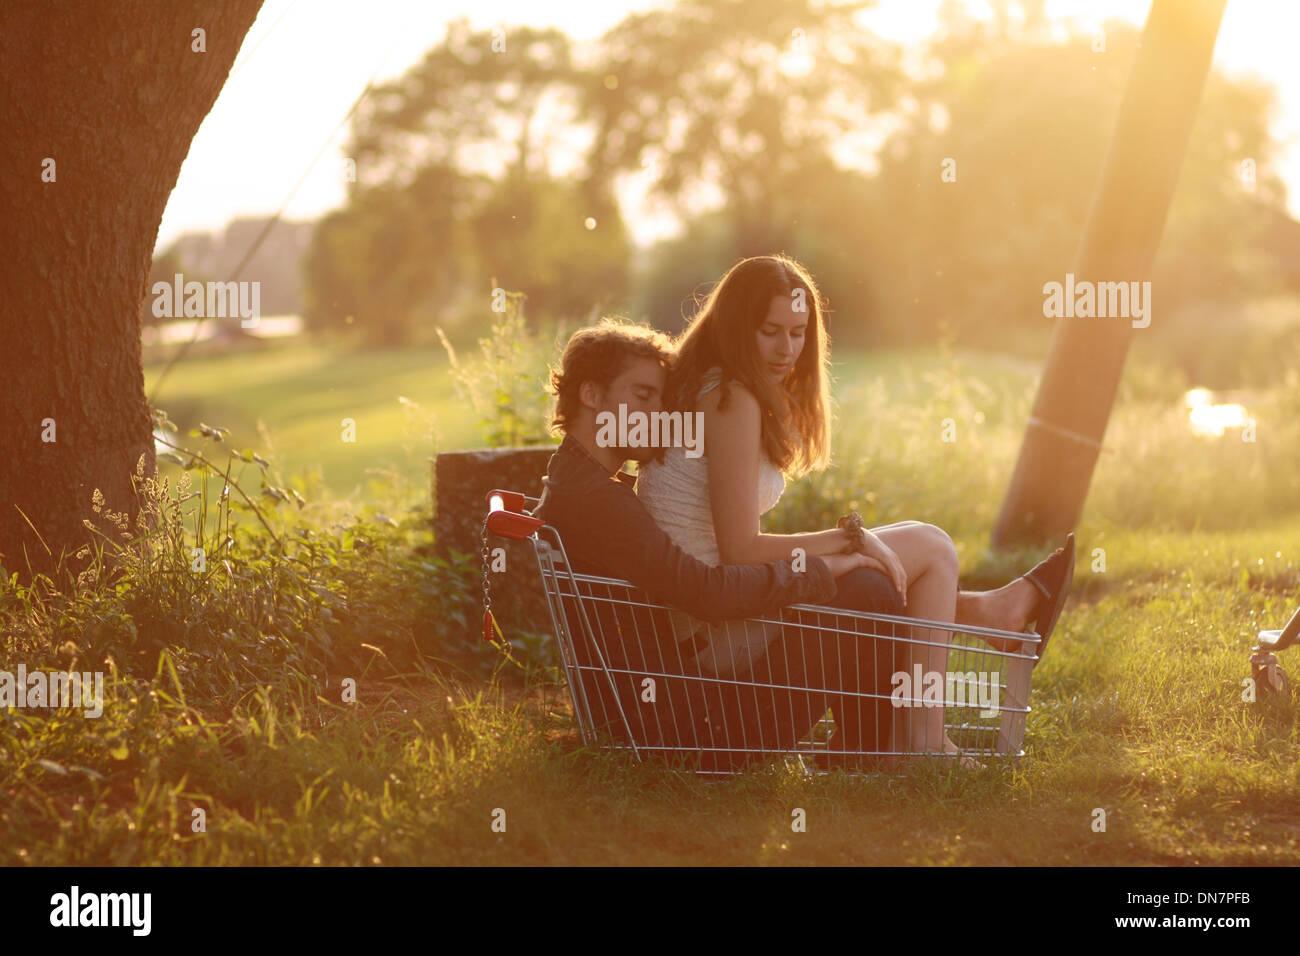 Tierna pareja sentada en un carrito con luz de fondo Imagen De Stock